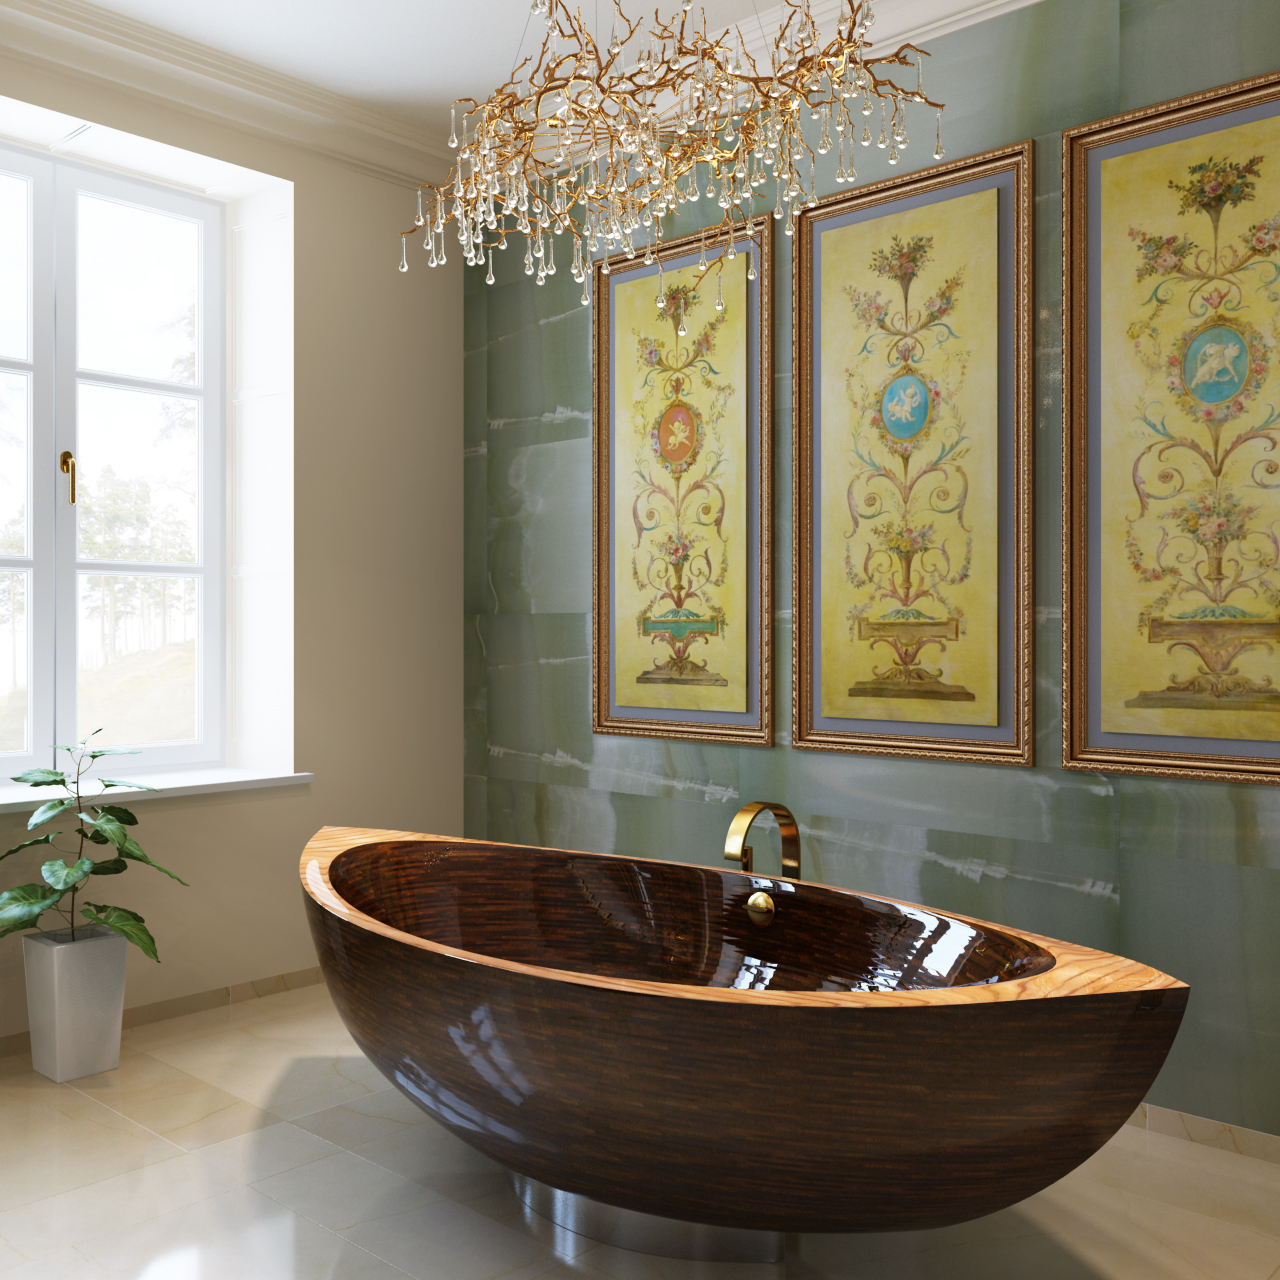 Latest excellent bagno in onice verde bagno in onice verde - Specchi particolari per bagno ...